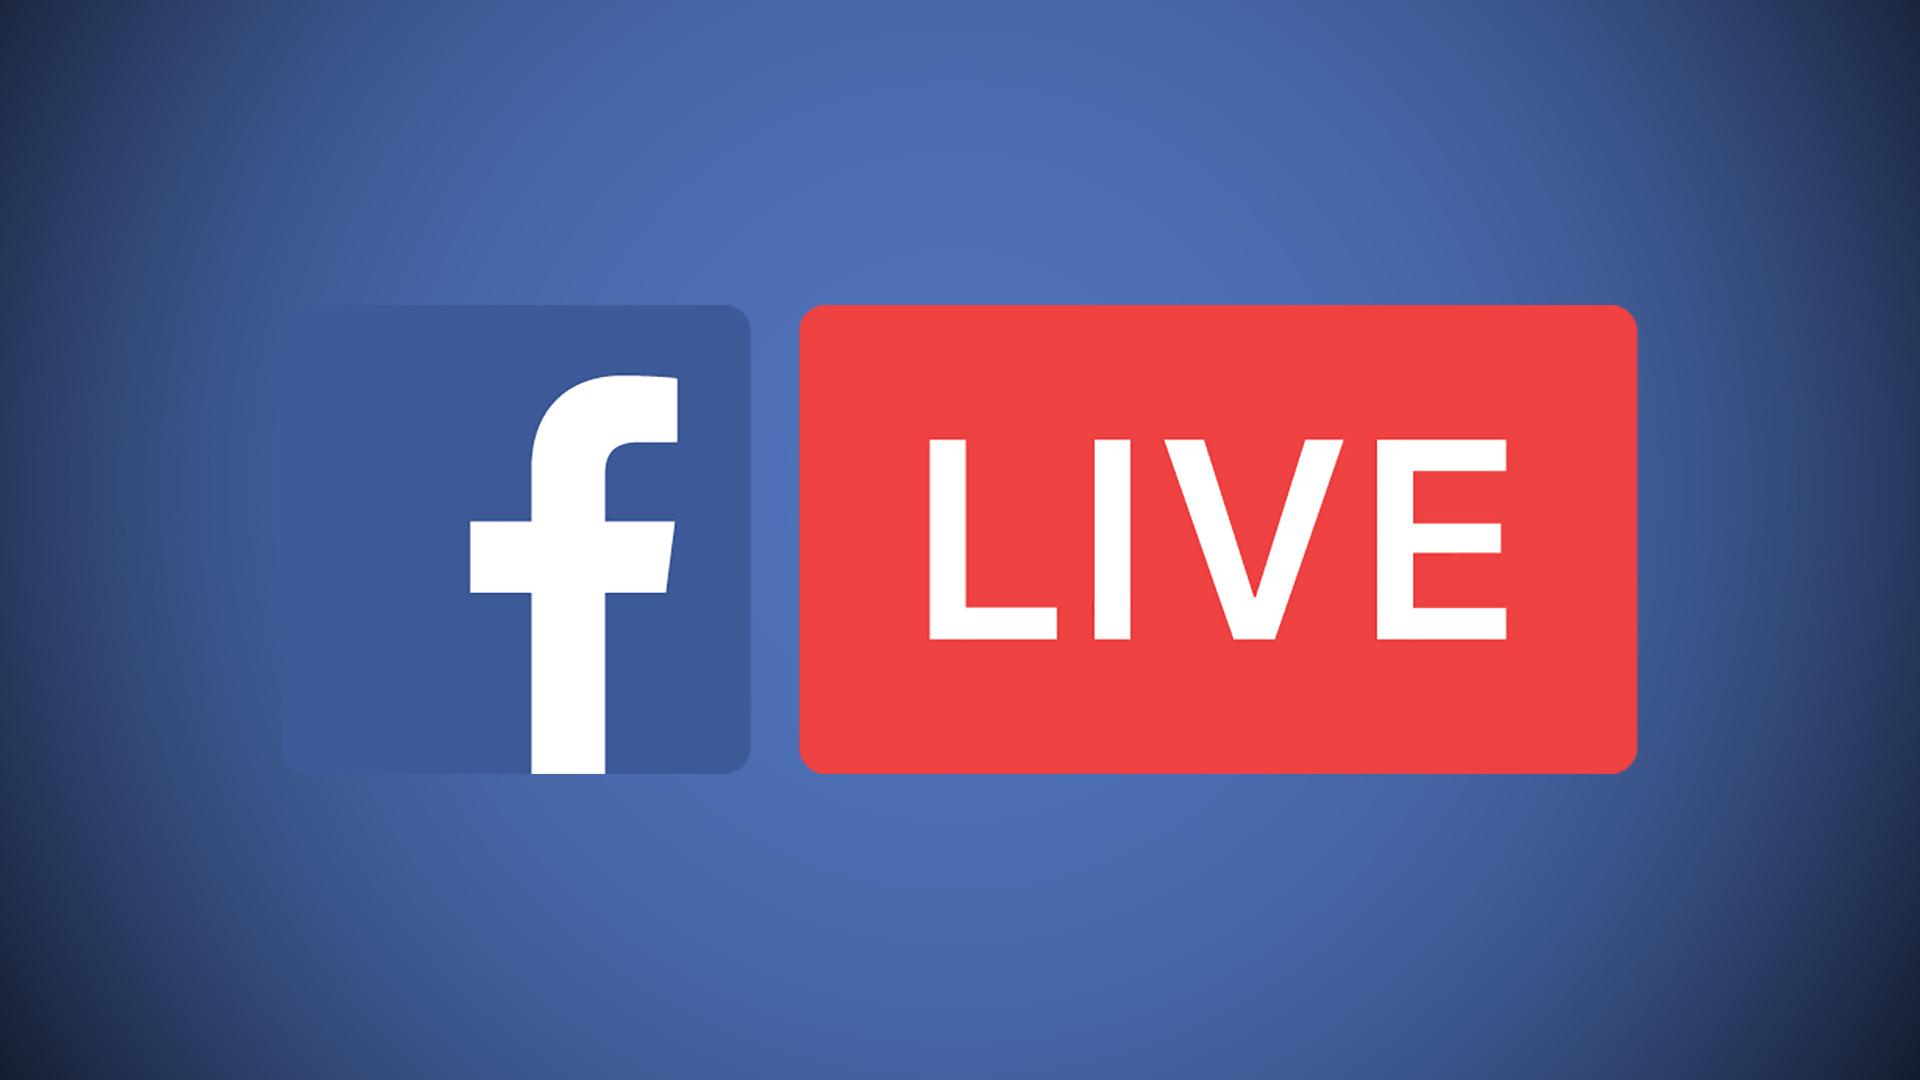 فيسبوك يسبب متاعب للتلفزيون باستثماره في الفيديو